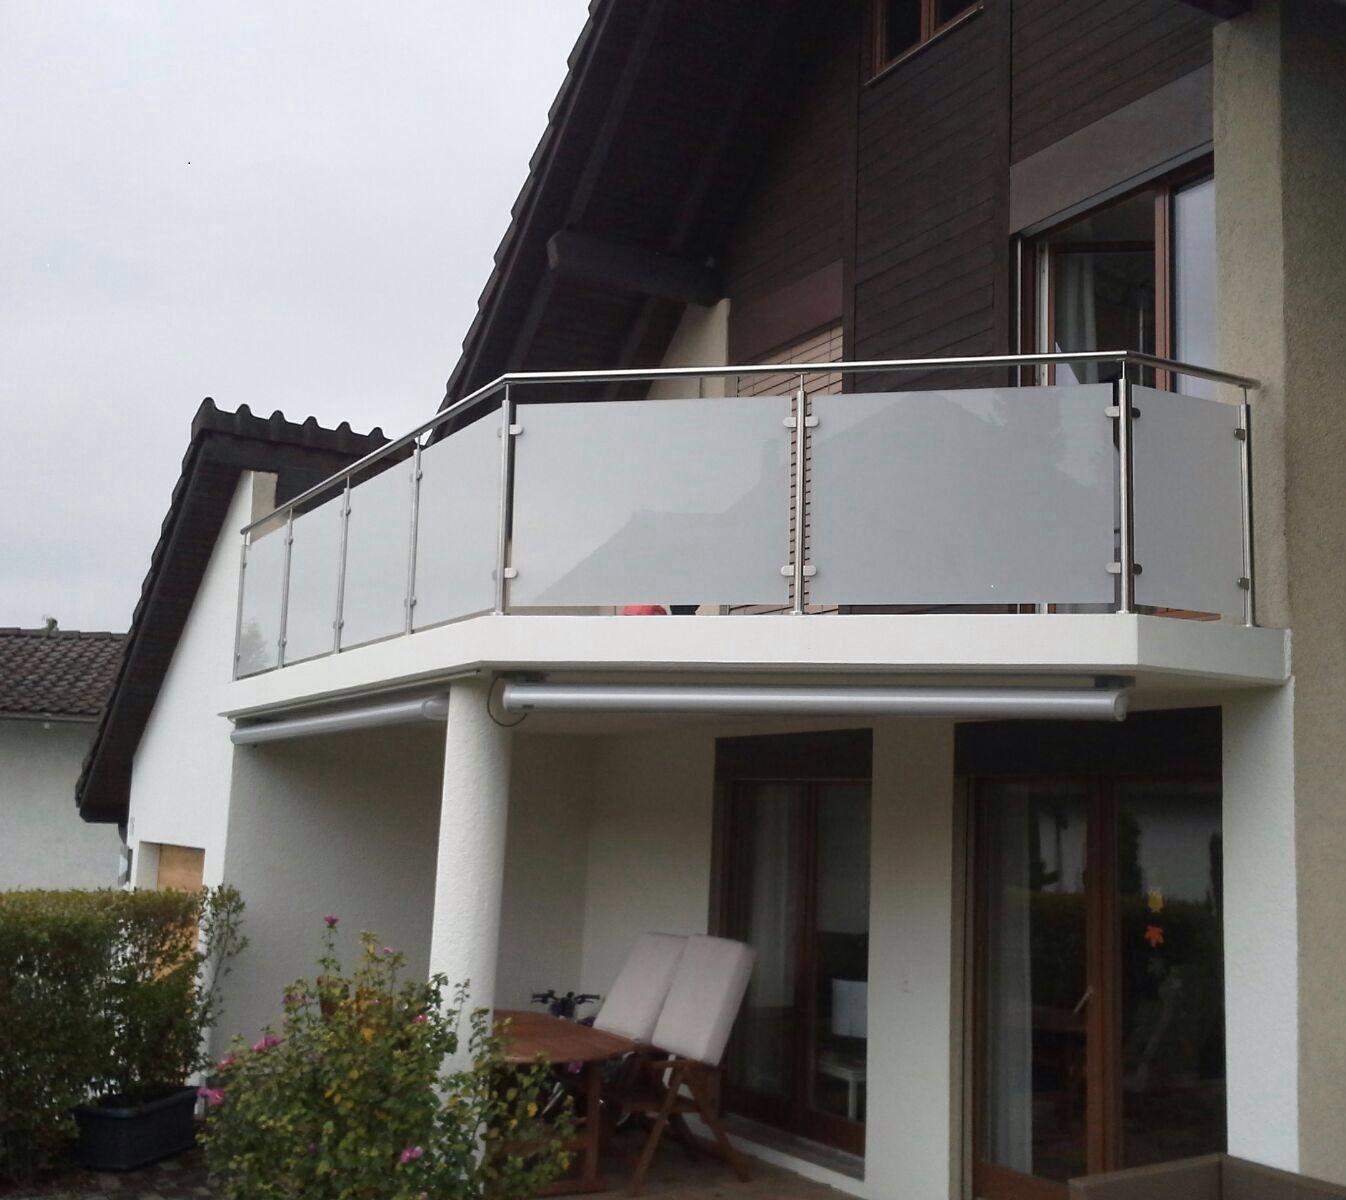 Geländer mit Glas Standard - Mellingen 2015